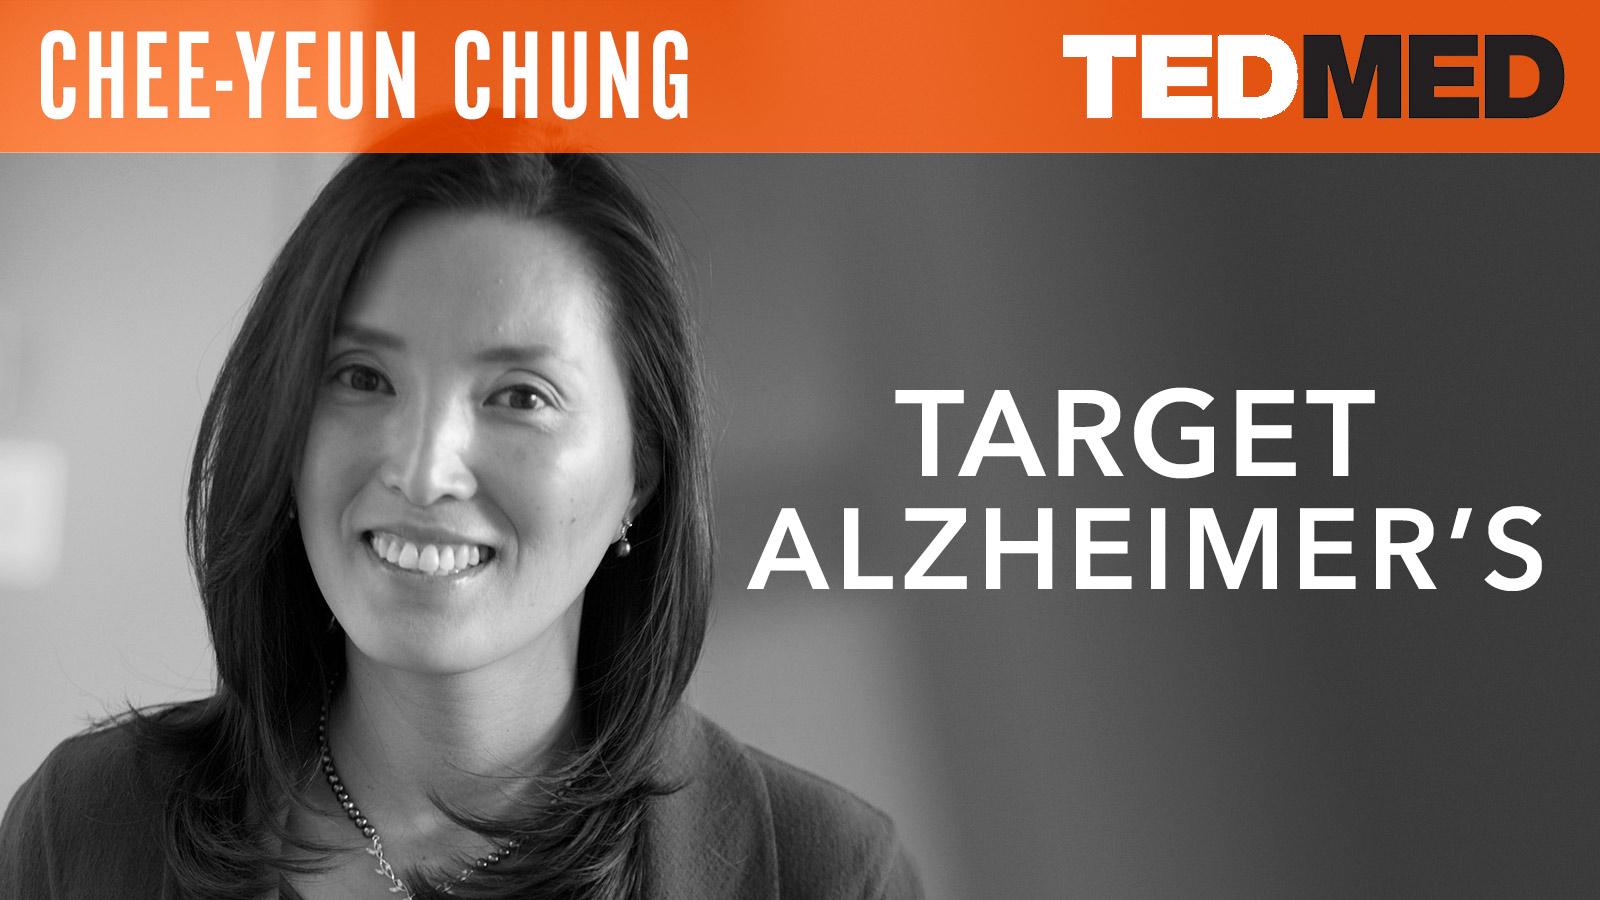 Chee-Yeun Chung  Target Alzheimer's